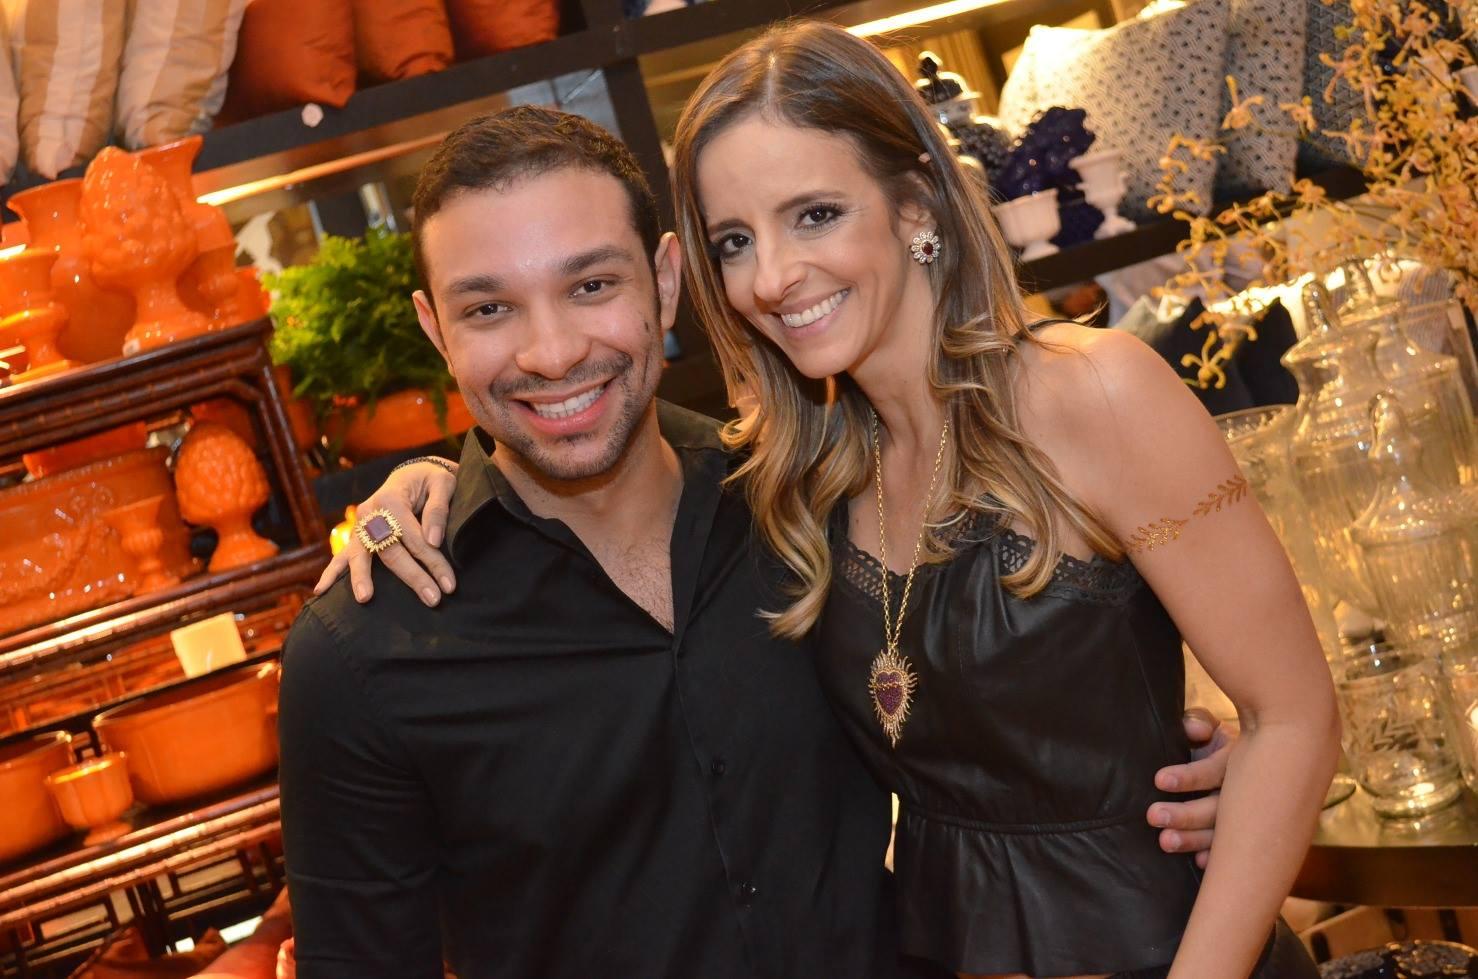 Sandy Najar a aniversariante de ontem(27), com o amigo Rafael Freitas at special time